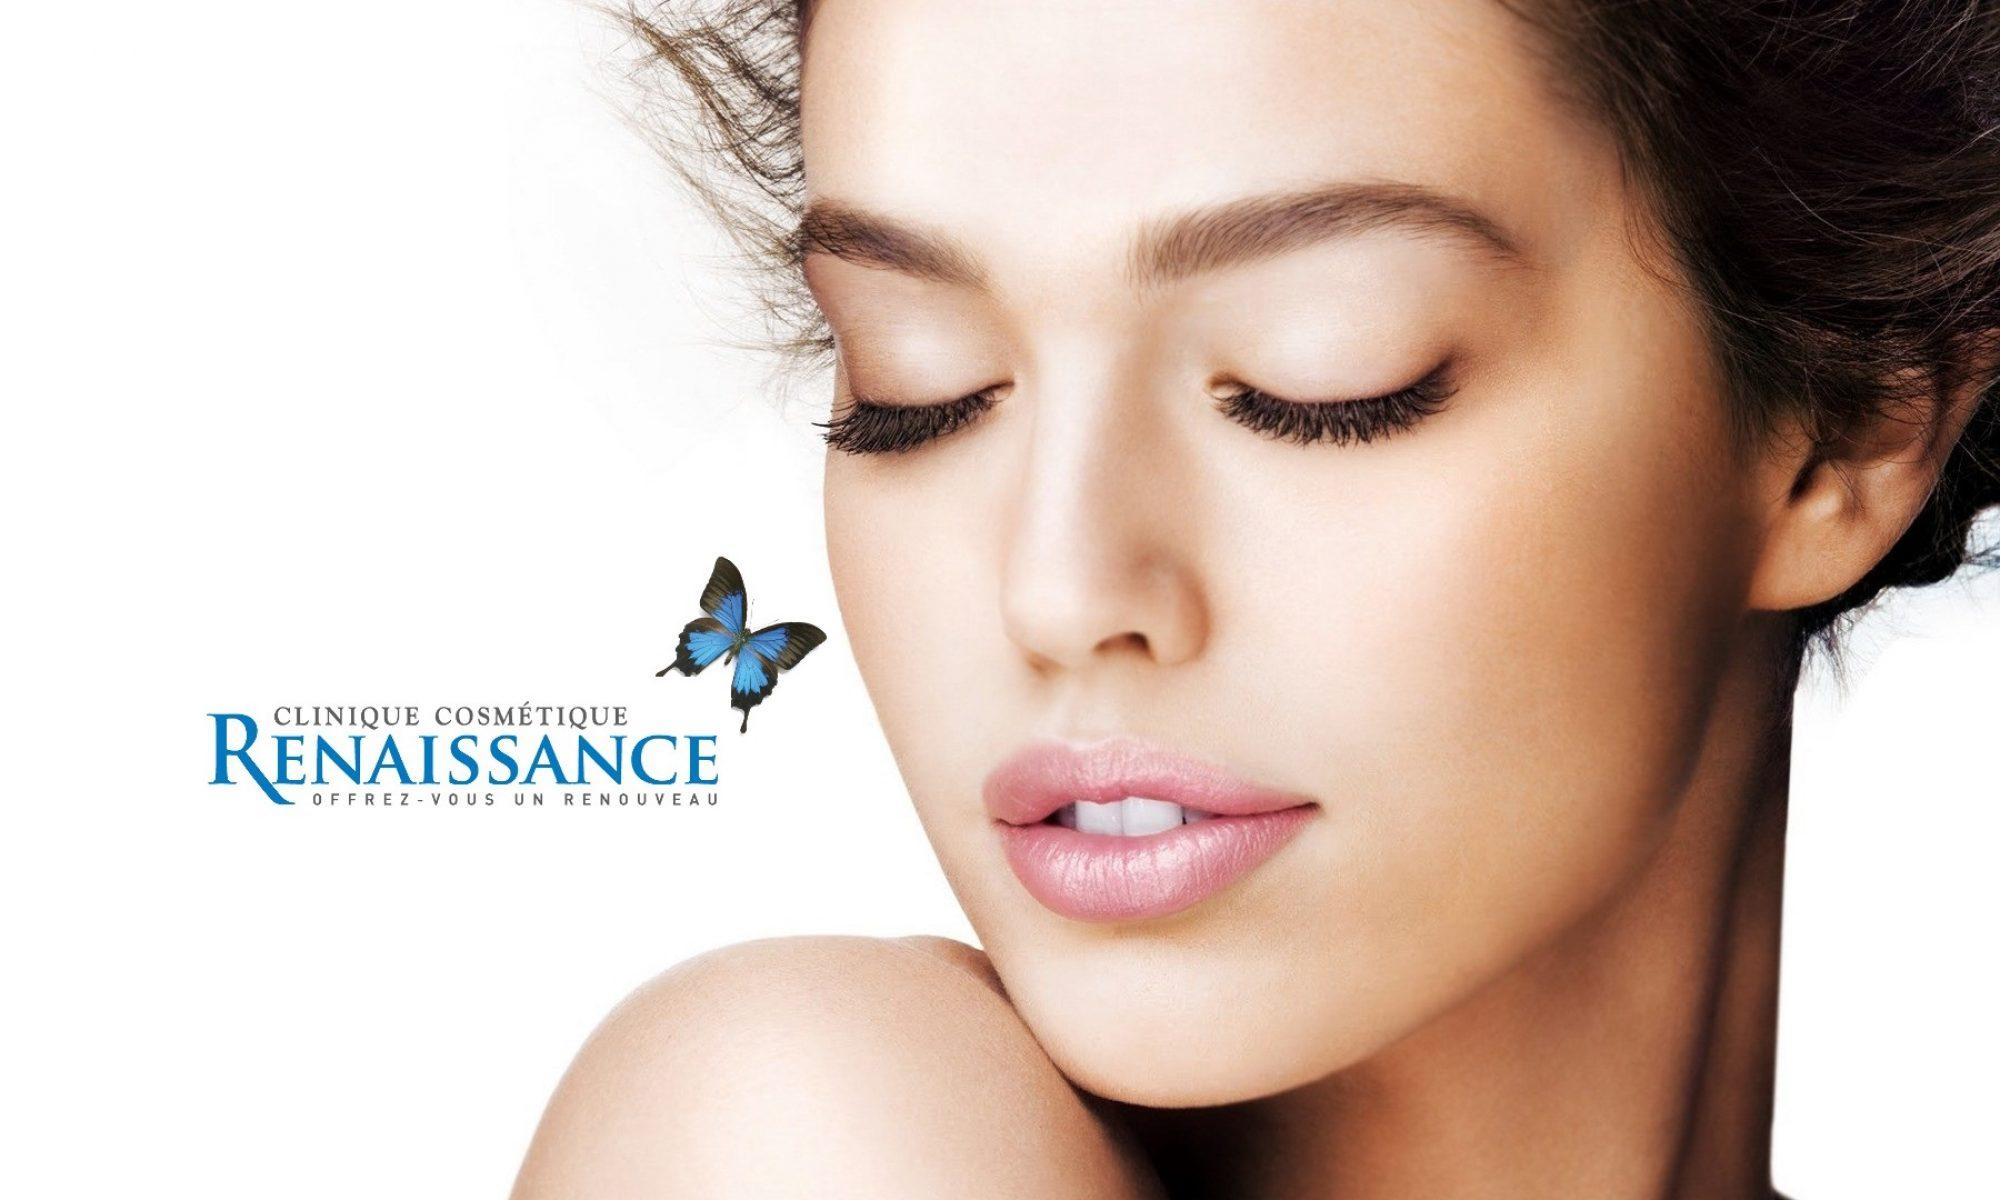 cosmetique a la renaissance